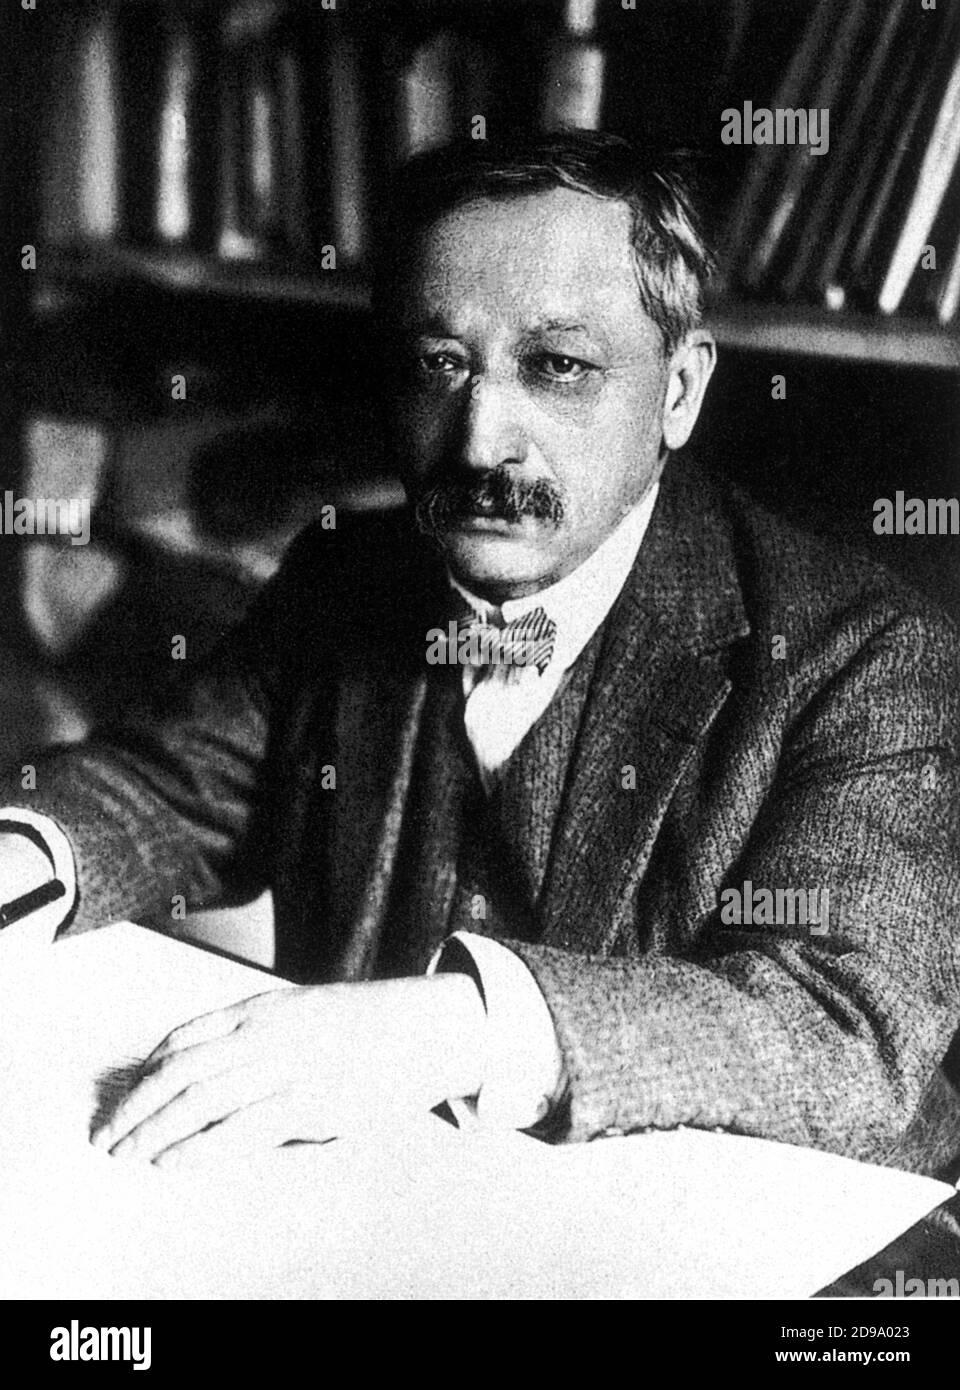 Le poète français GUSTAVE KAHN ( 1859 - 1936 ) , inventeur autostylisé du verset libre - POETA - POÉSIE - POÉSIE - letteratura - littérature - letterato - portrait - ritratto - bachigi - moustache - papillo - cravatta - cravate - surrealismo - surrealisme --- Archivio GBB Banque D'Images